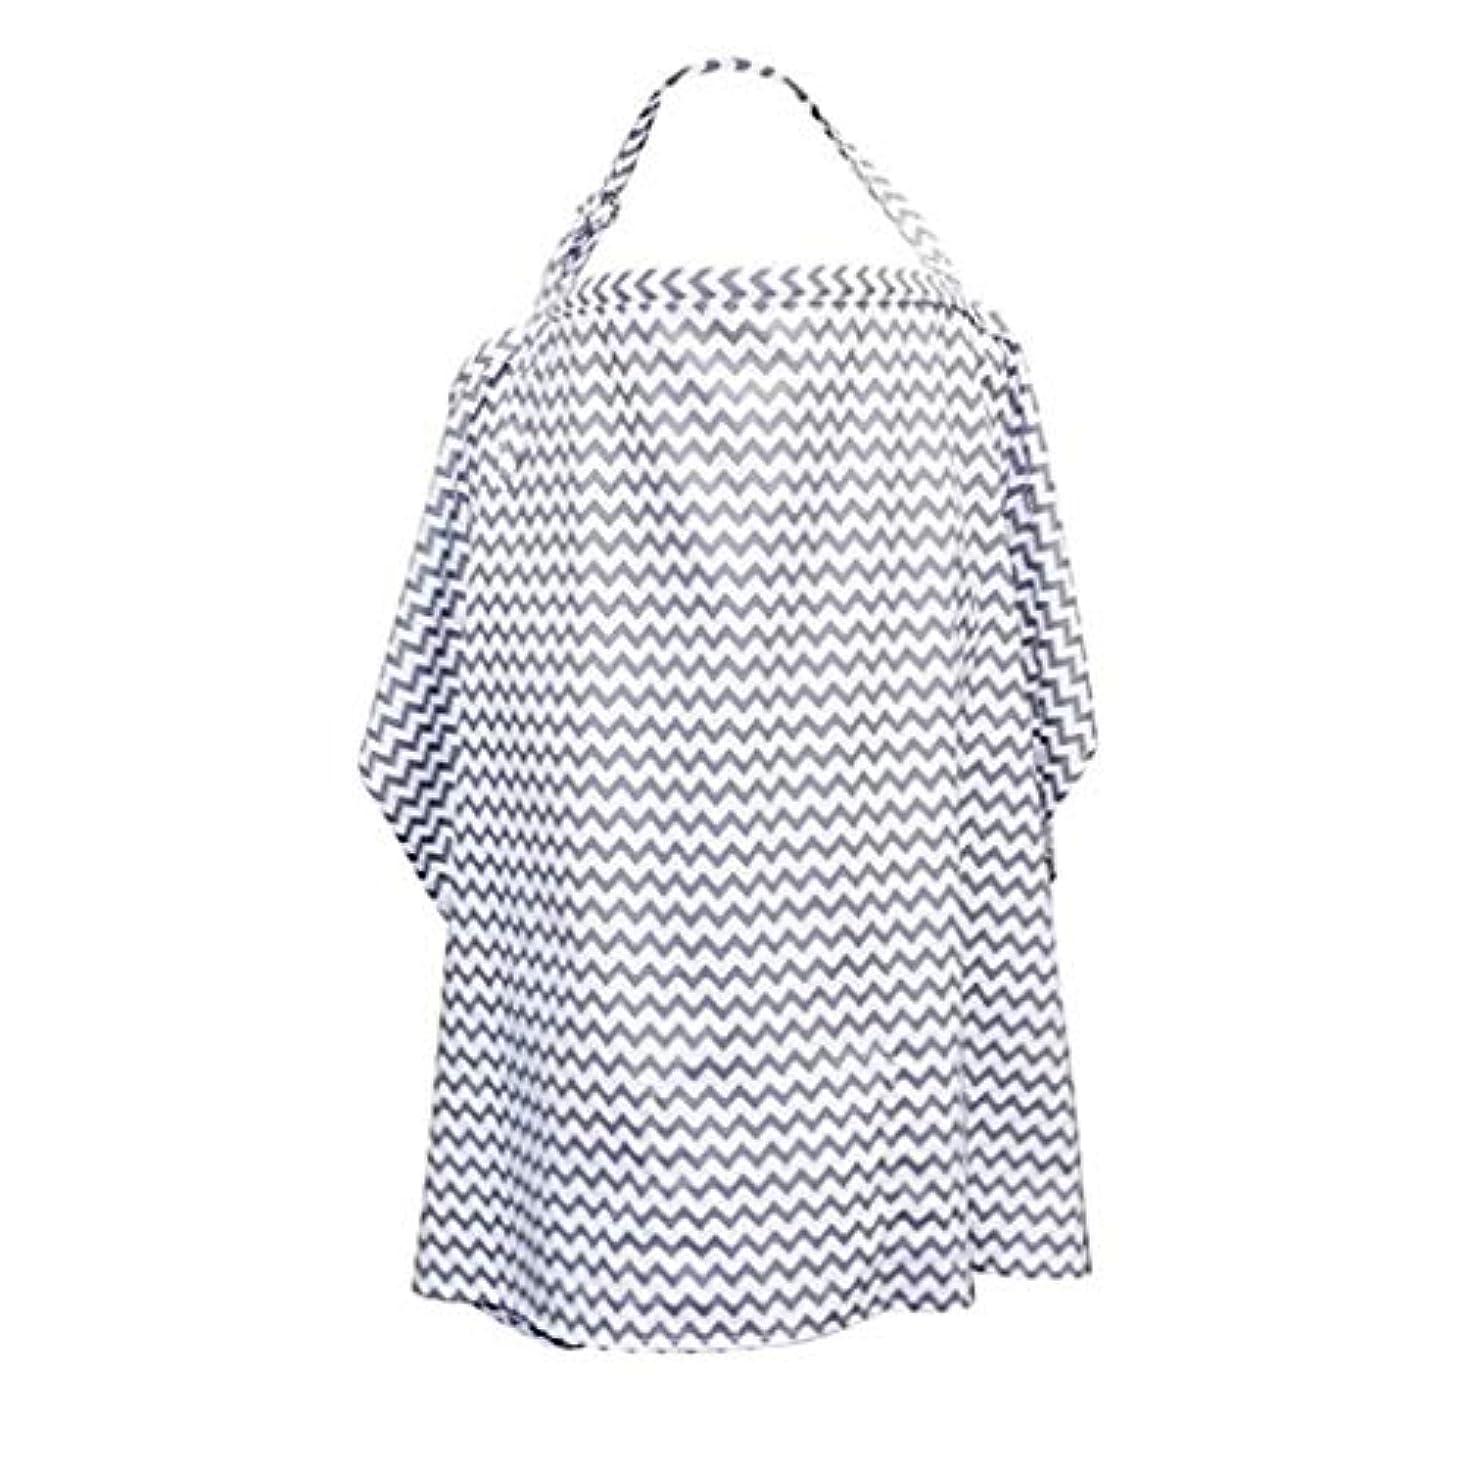 つぼみ来て燃やす調節可能なストラップ付き母乳育児カバー - 100%プレミアムコットンベースの看護カバー - 屋外給餌赤ちゃん看護布 - 収納バッグ&タオルコーナー (グレー)